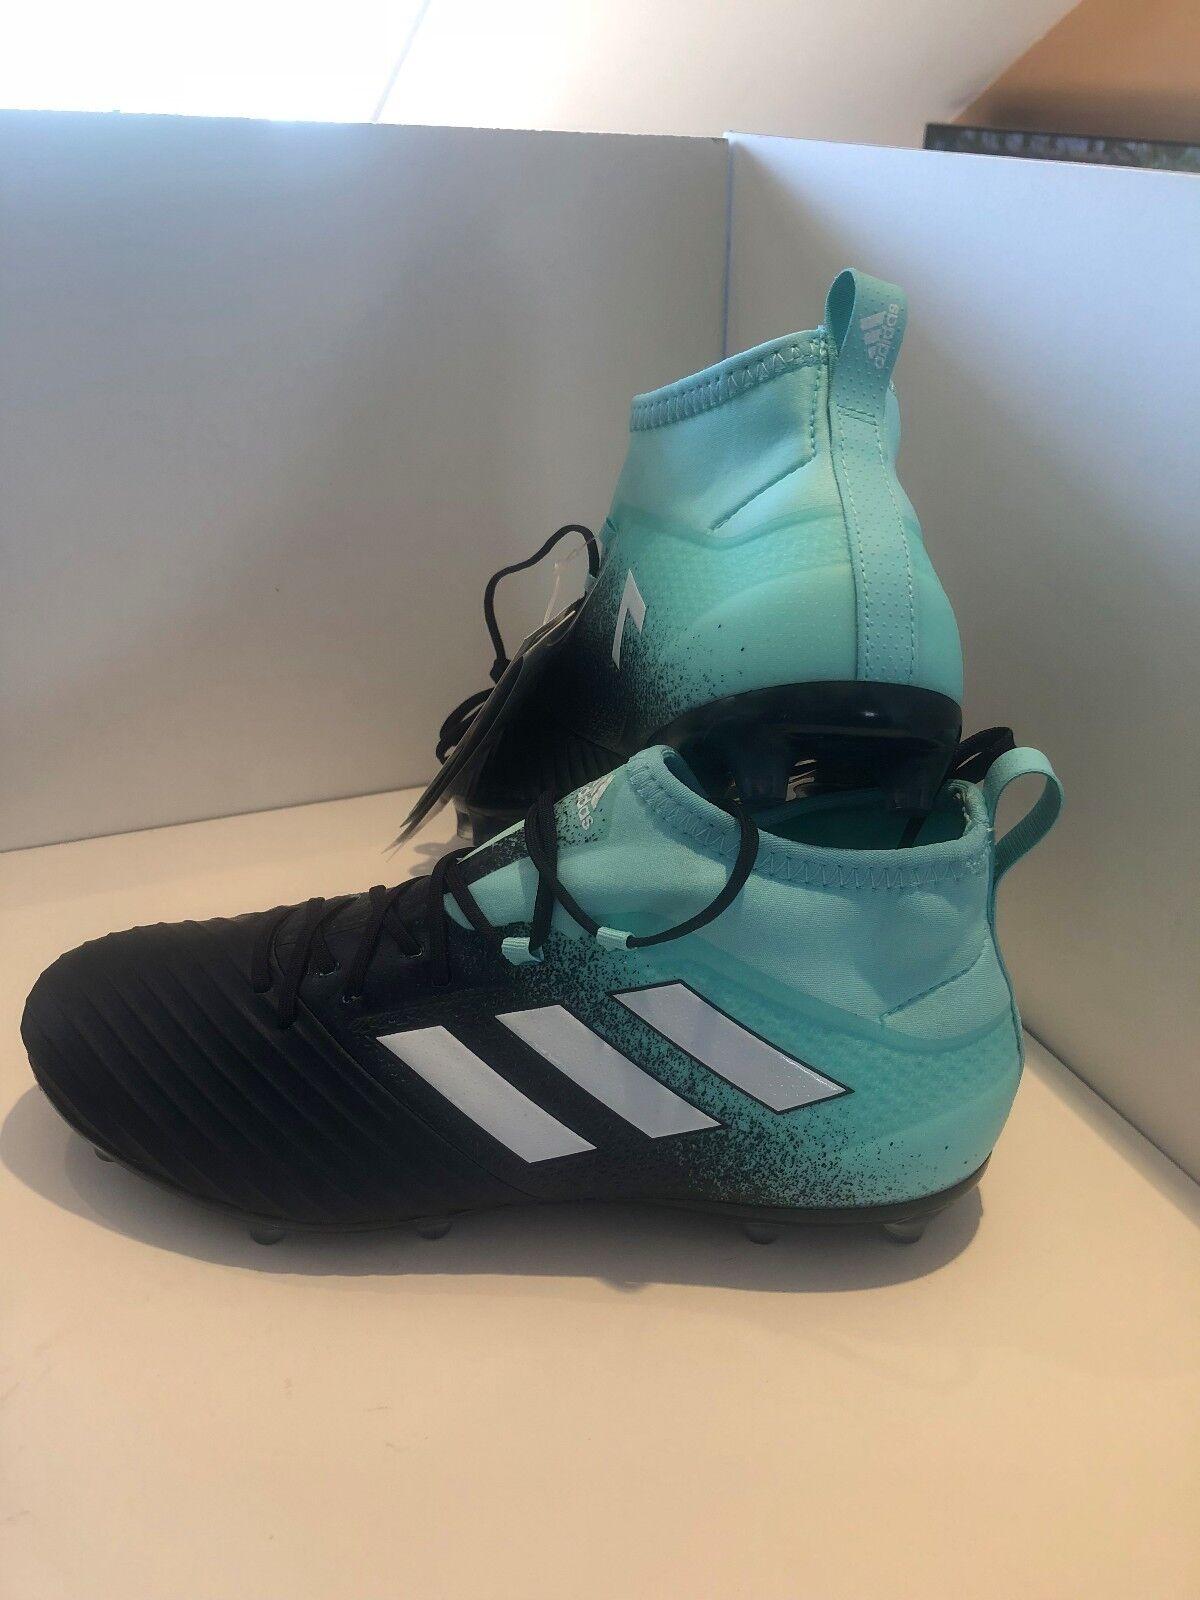 Adidas ACE 17.2 FG S77055  Aquarent Blau Grün